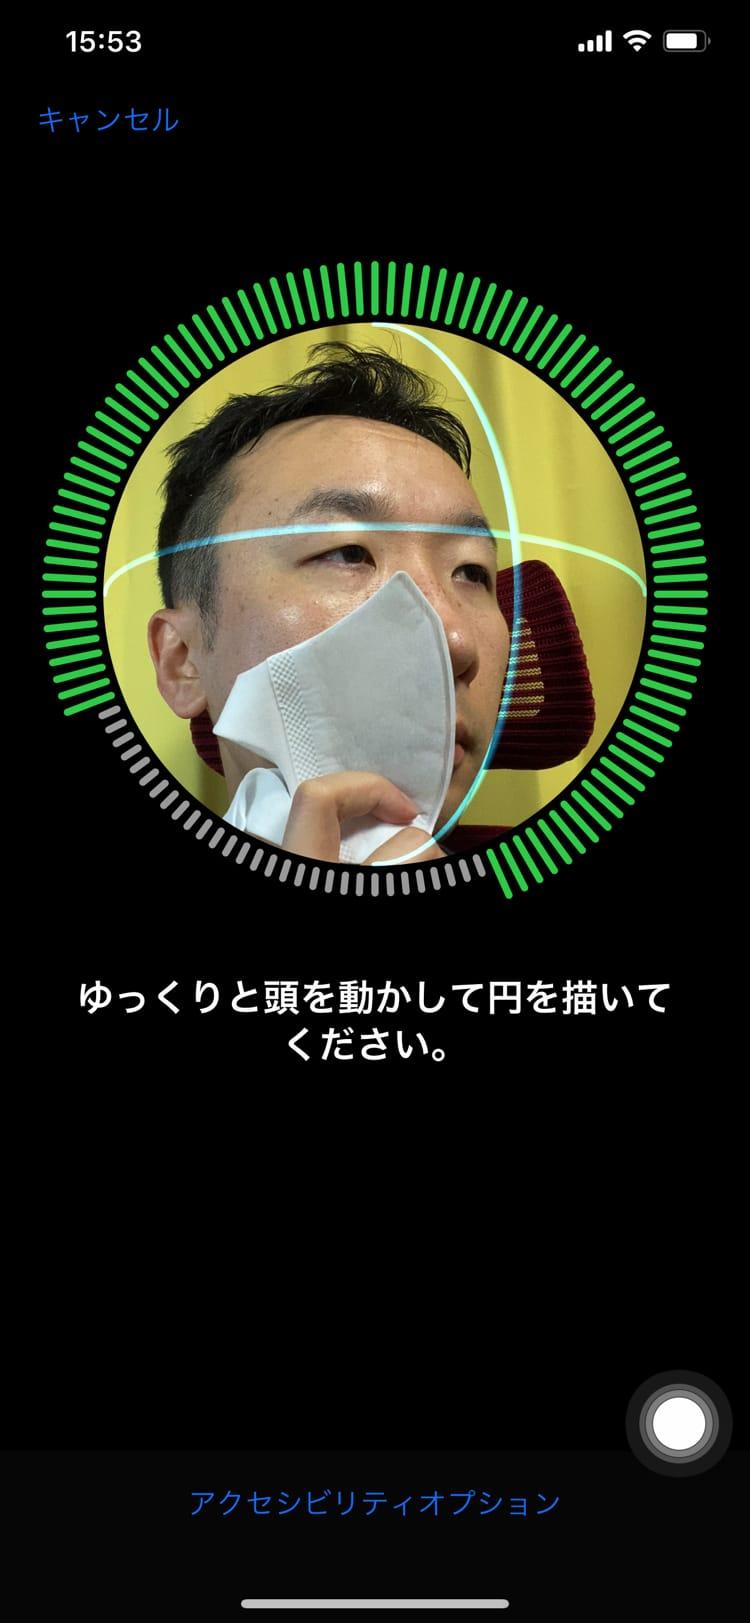 マスクを顔に当てたままの状態ででFace IDを登録していく